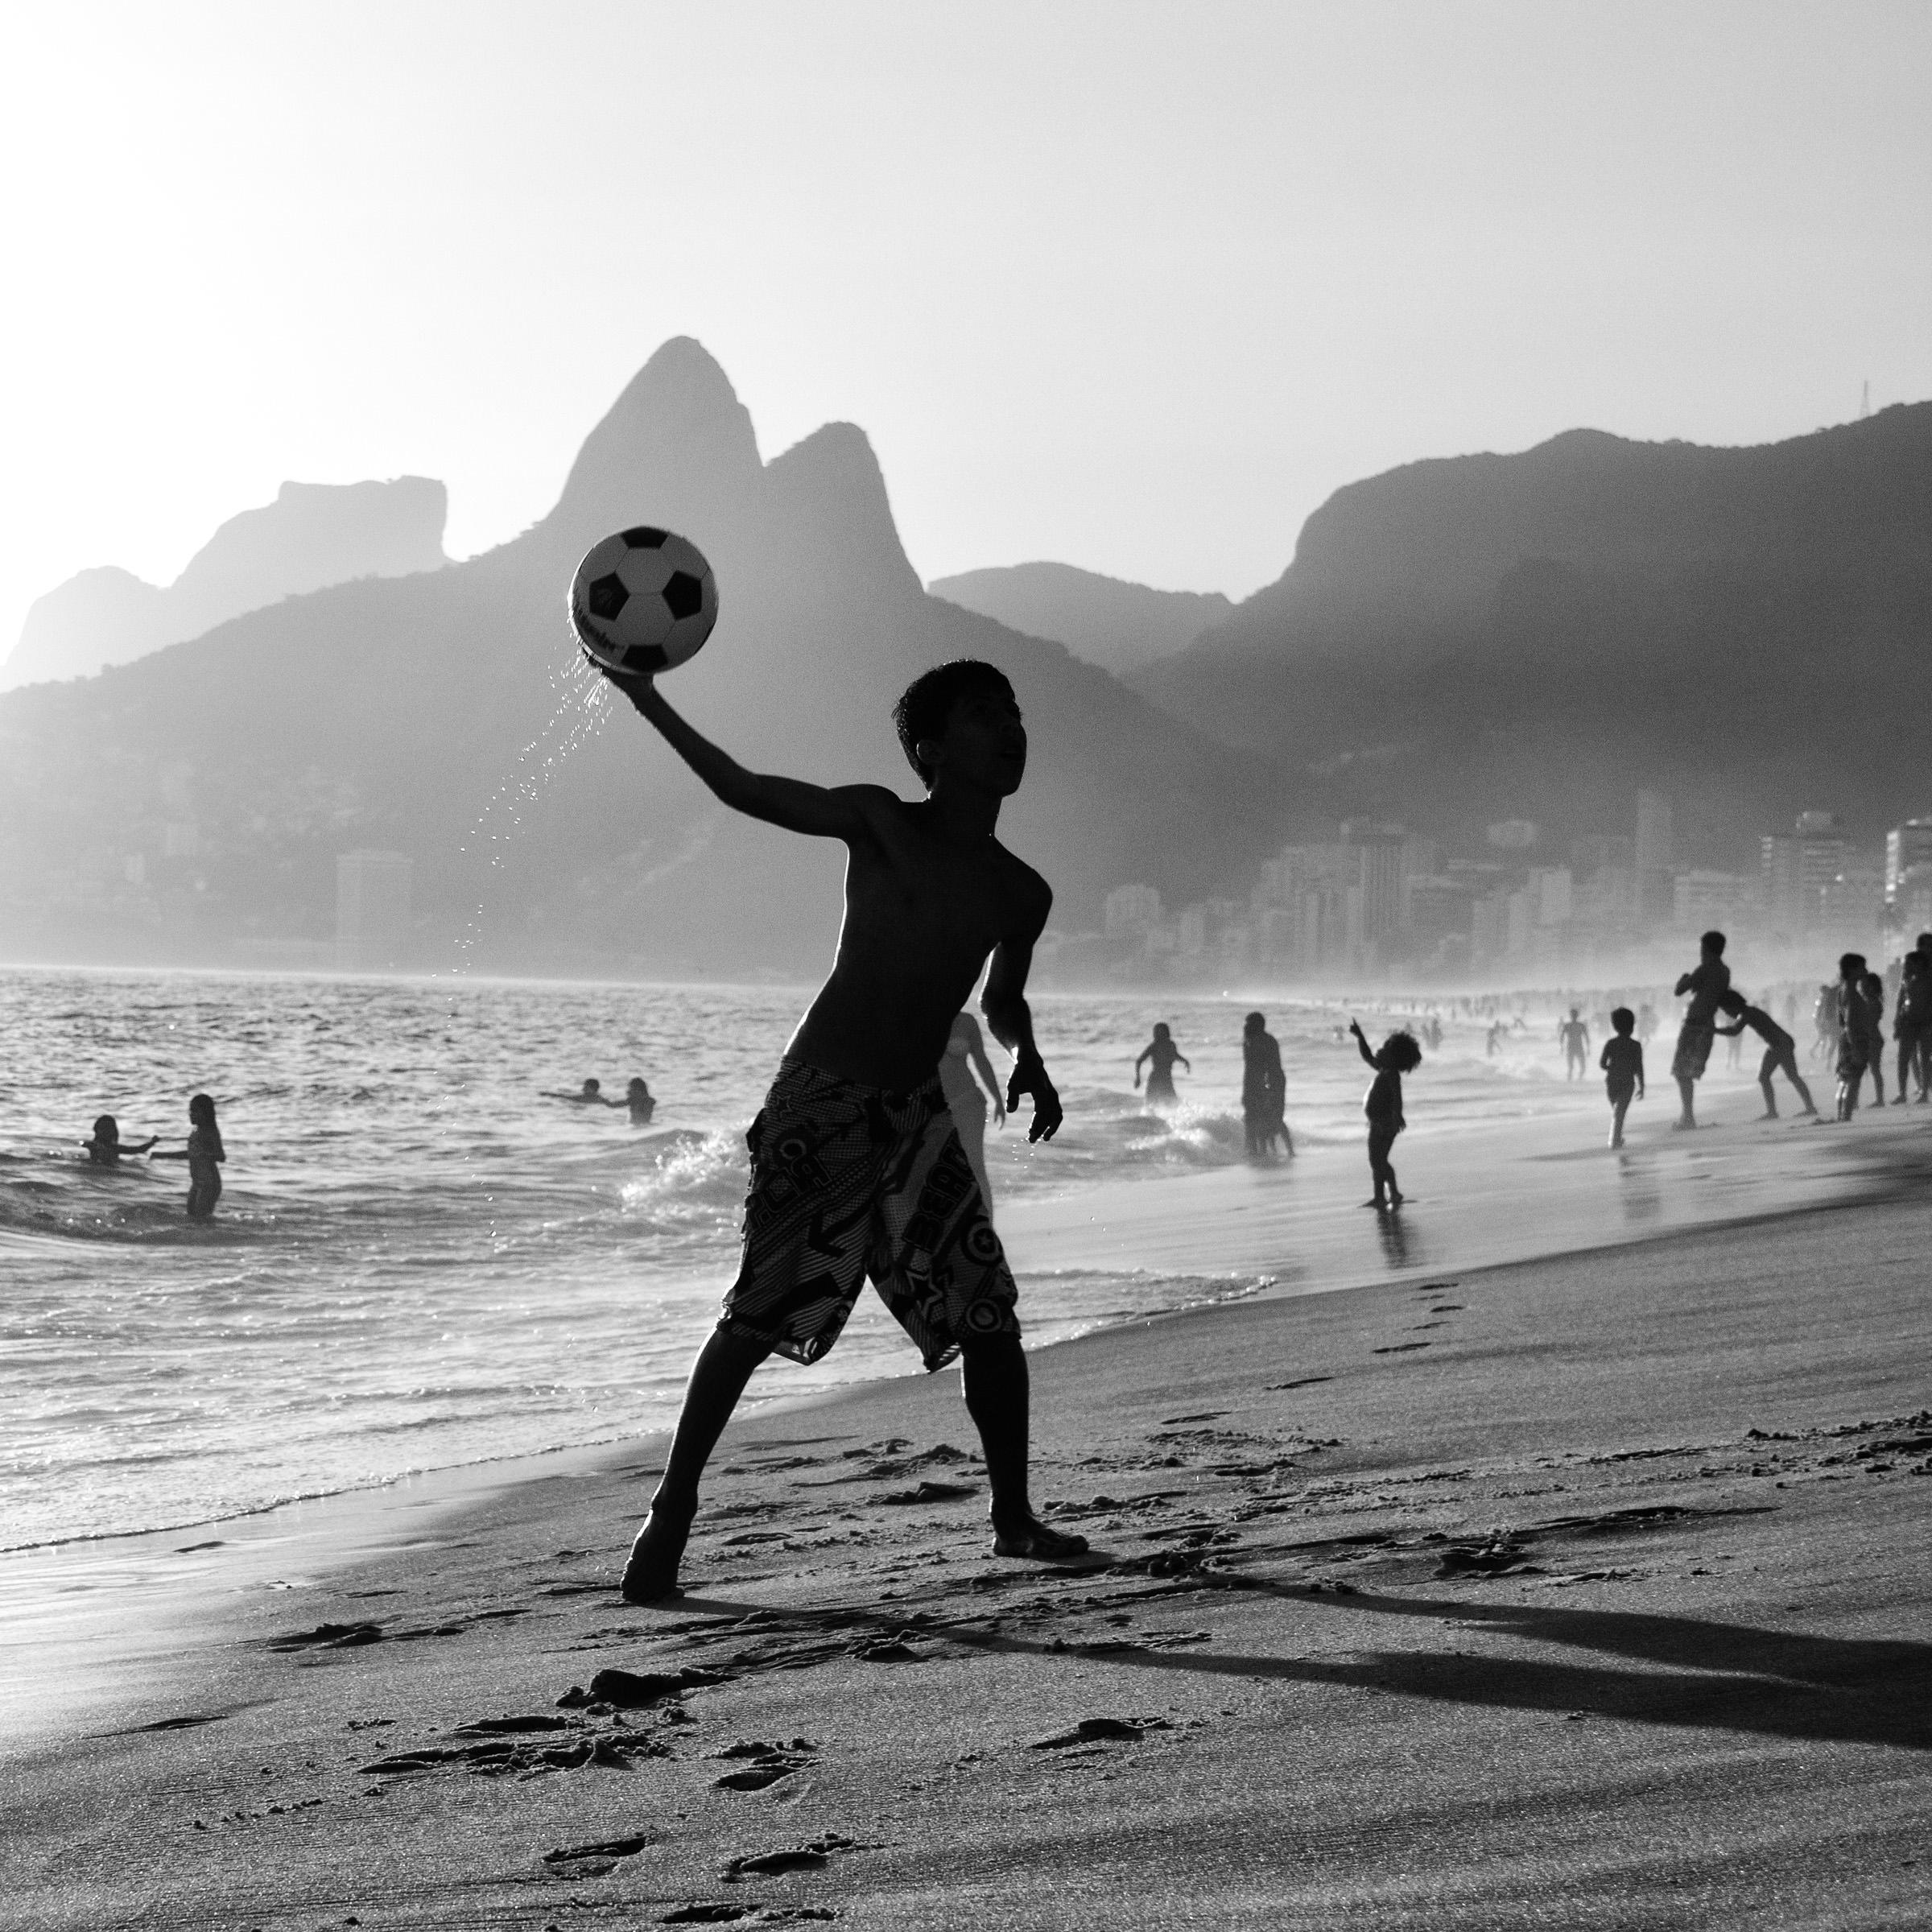 Lançamento. Rio de Janeiro - RJ.